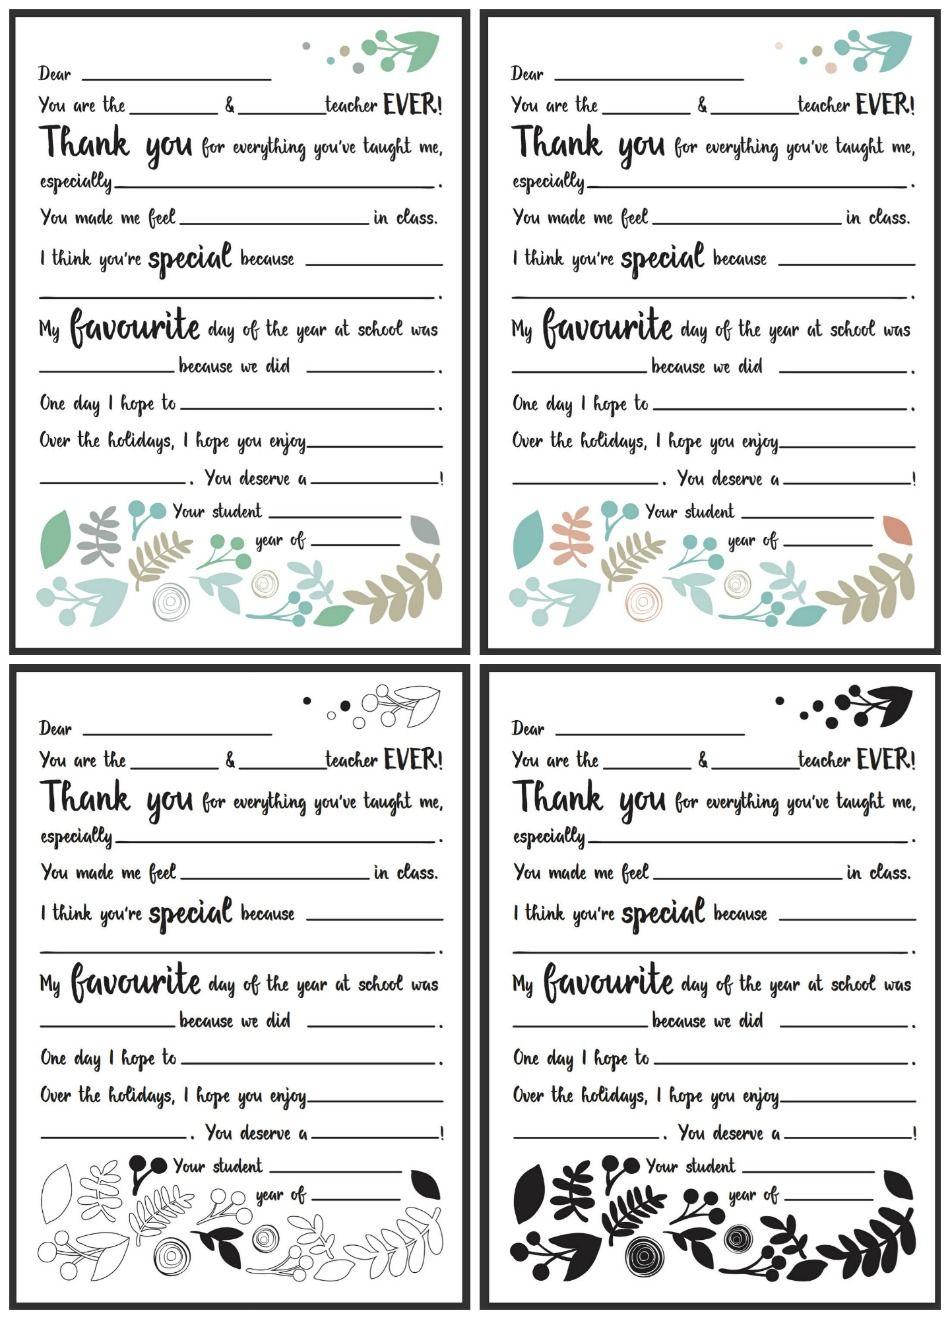 Dear Teacher Letter  Great For End Of School  BackSchool